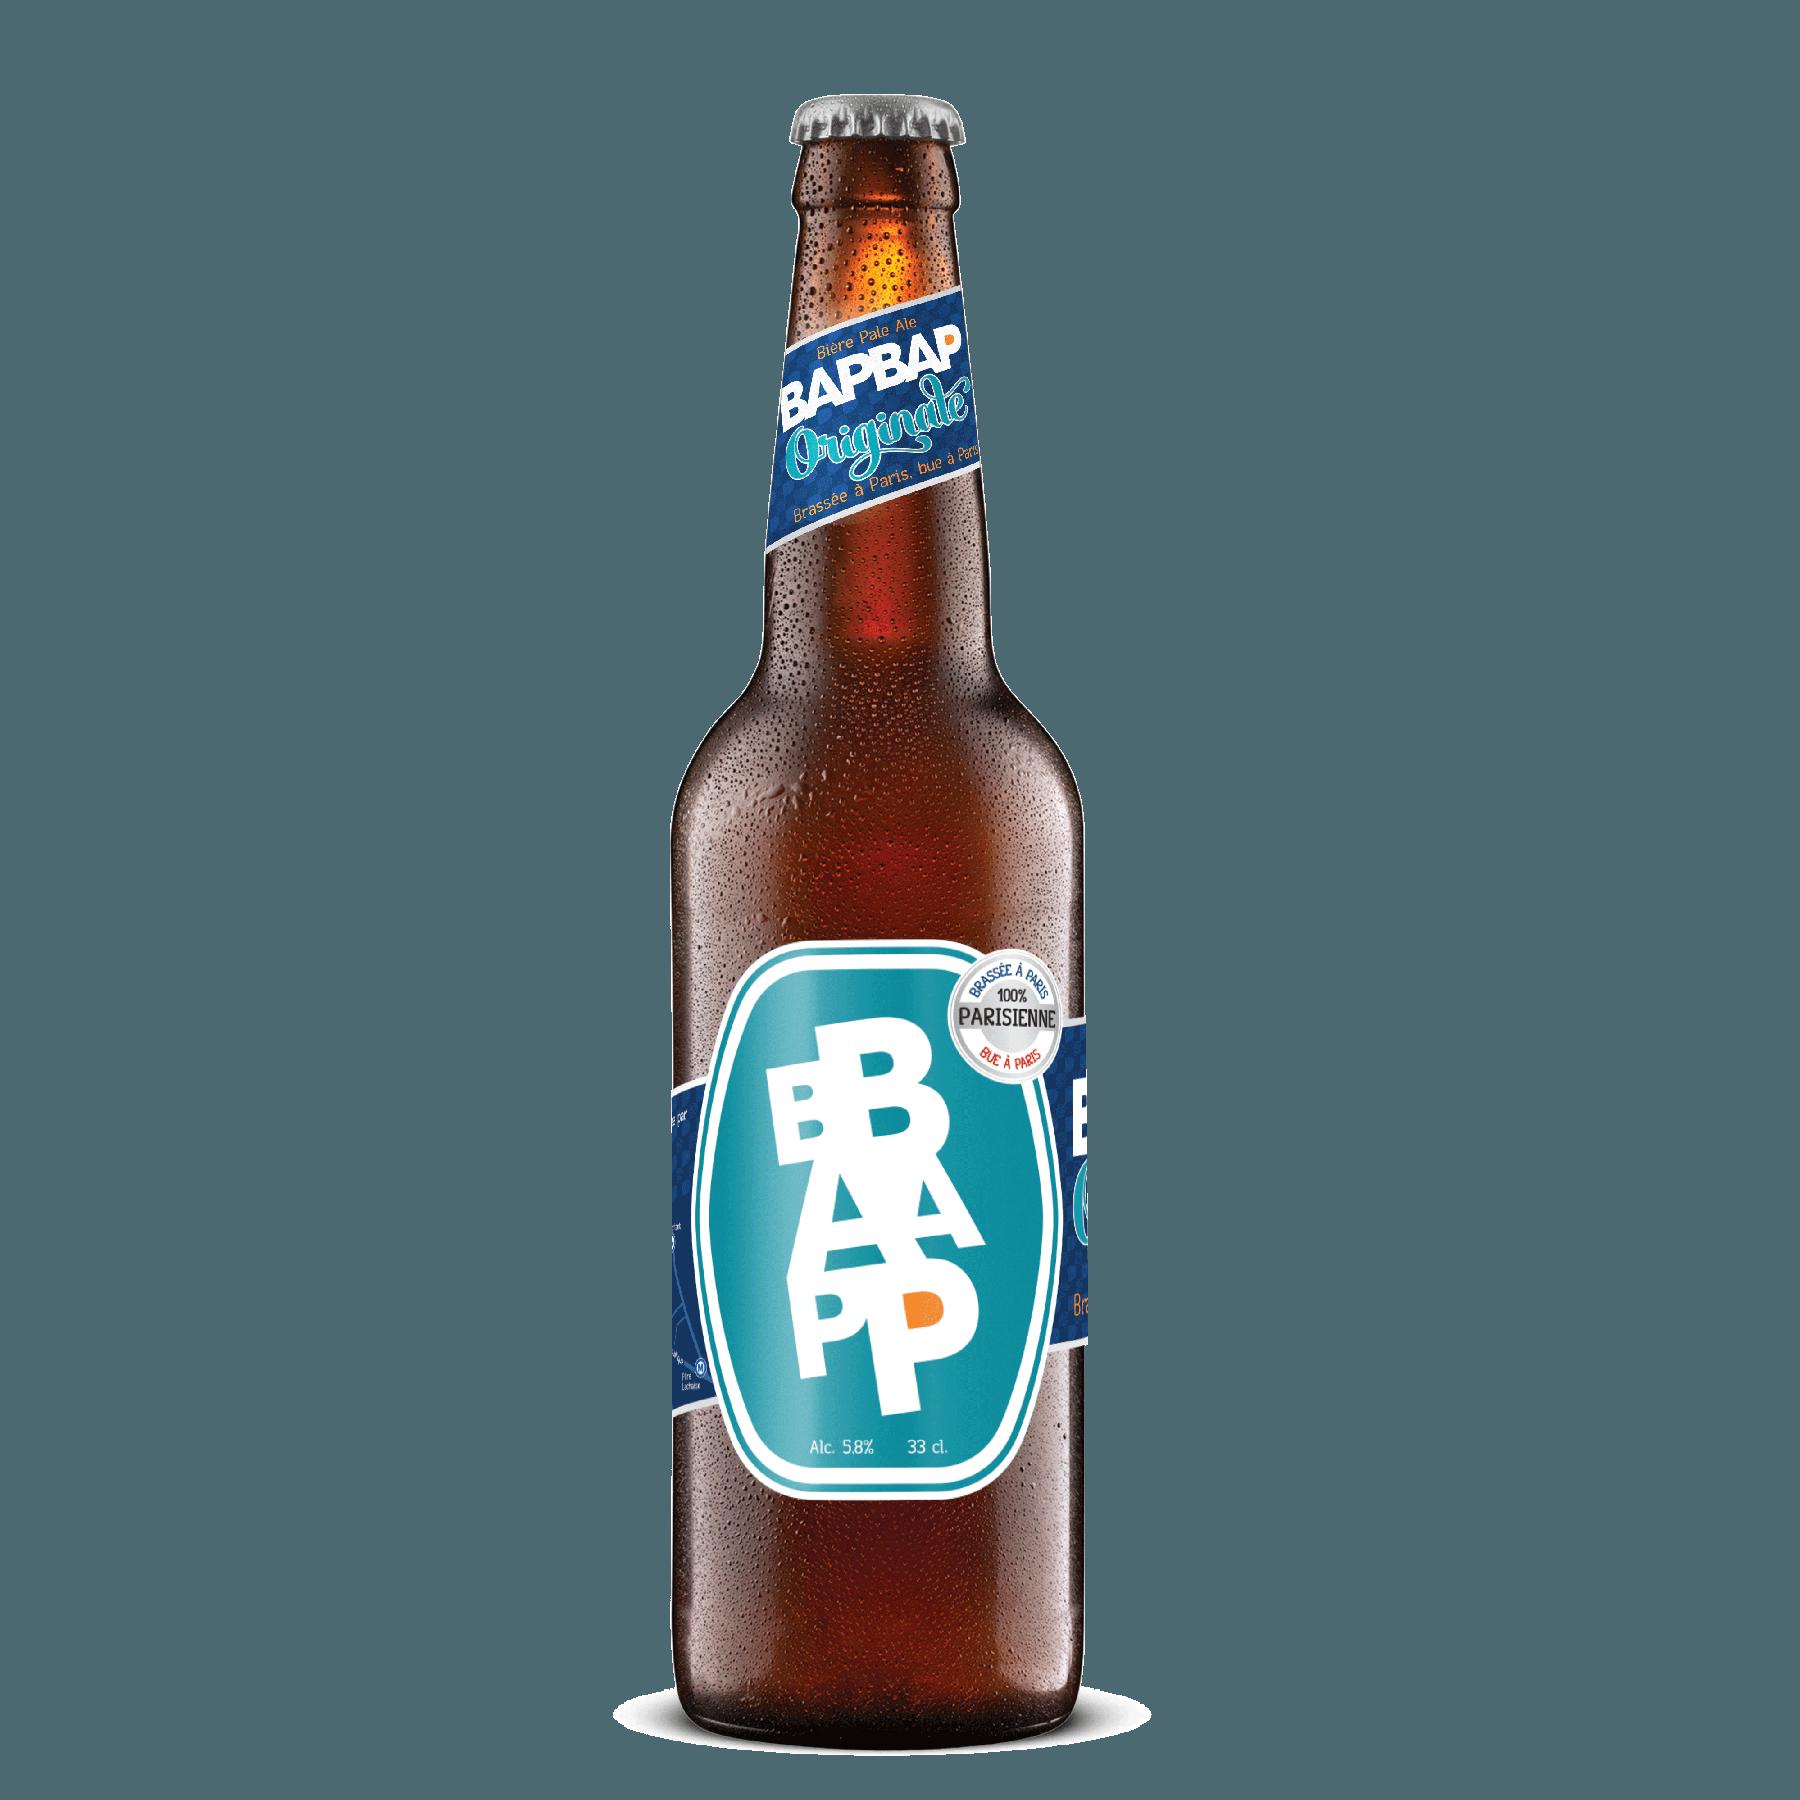 BAPBAP Originale Brassée à Paris